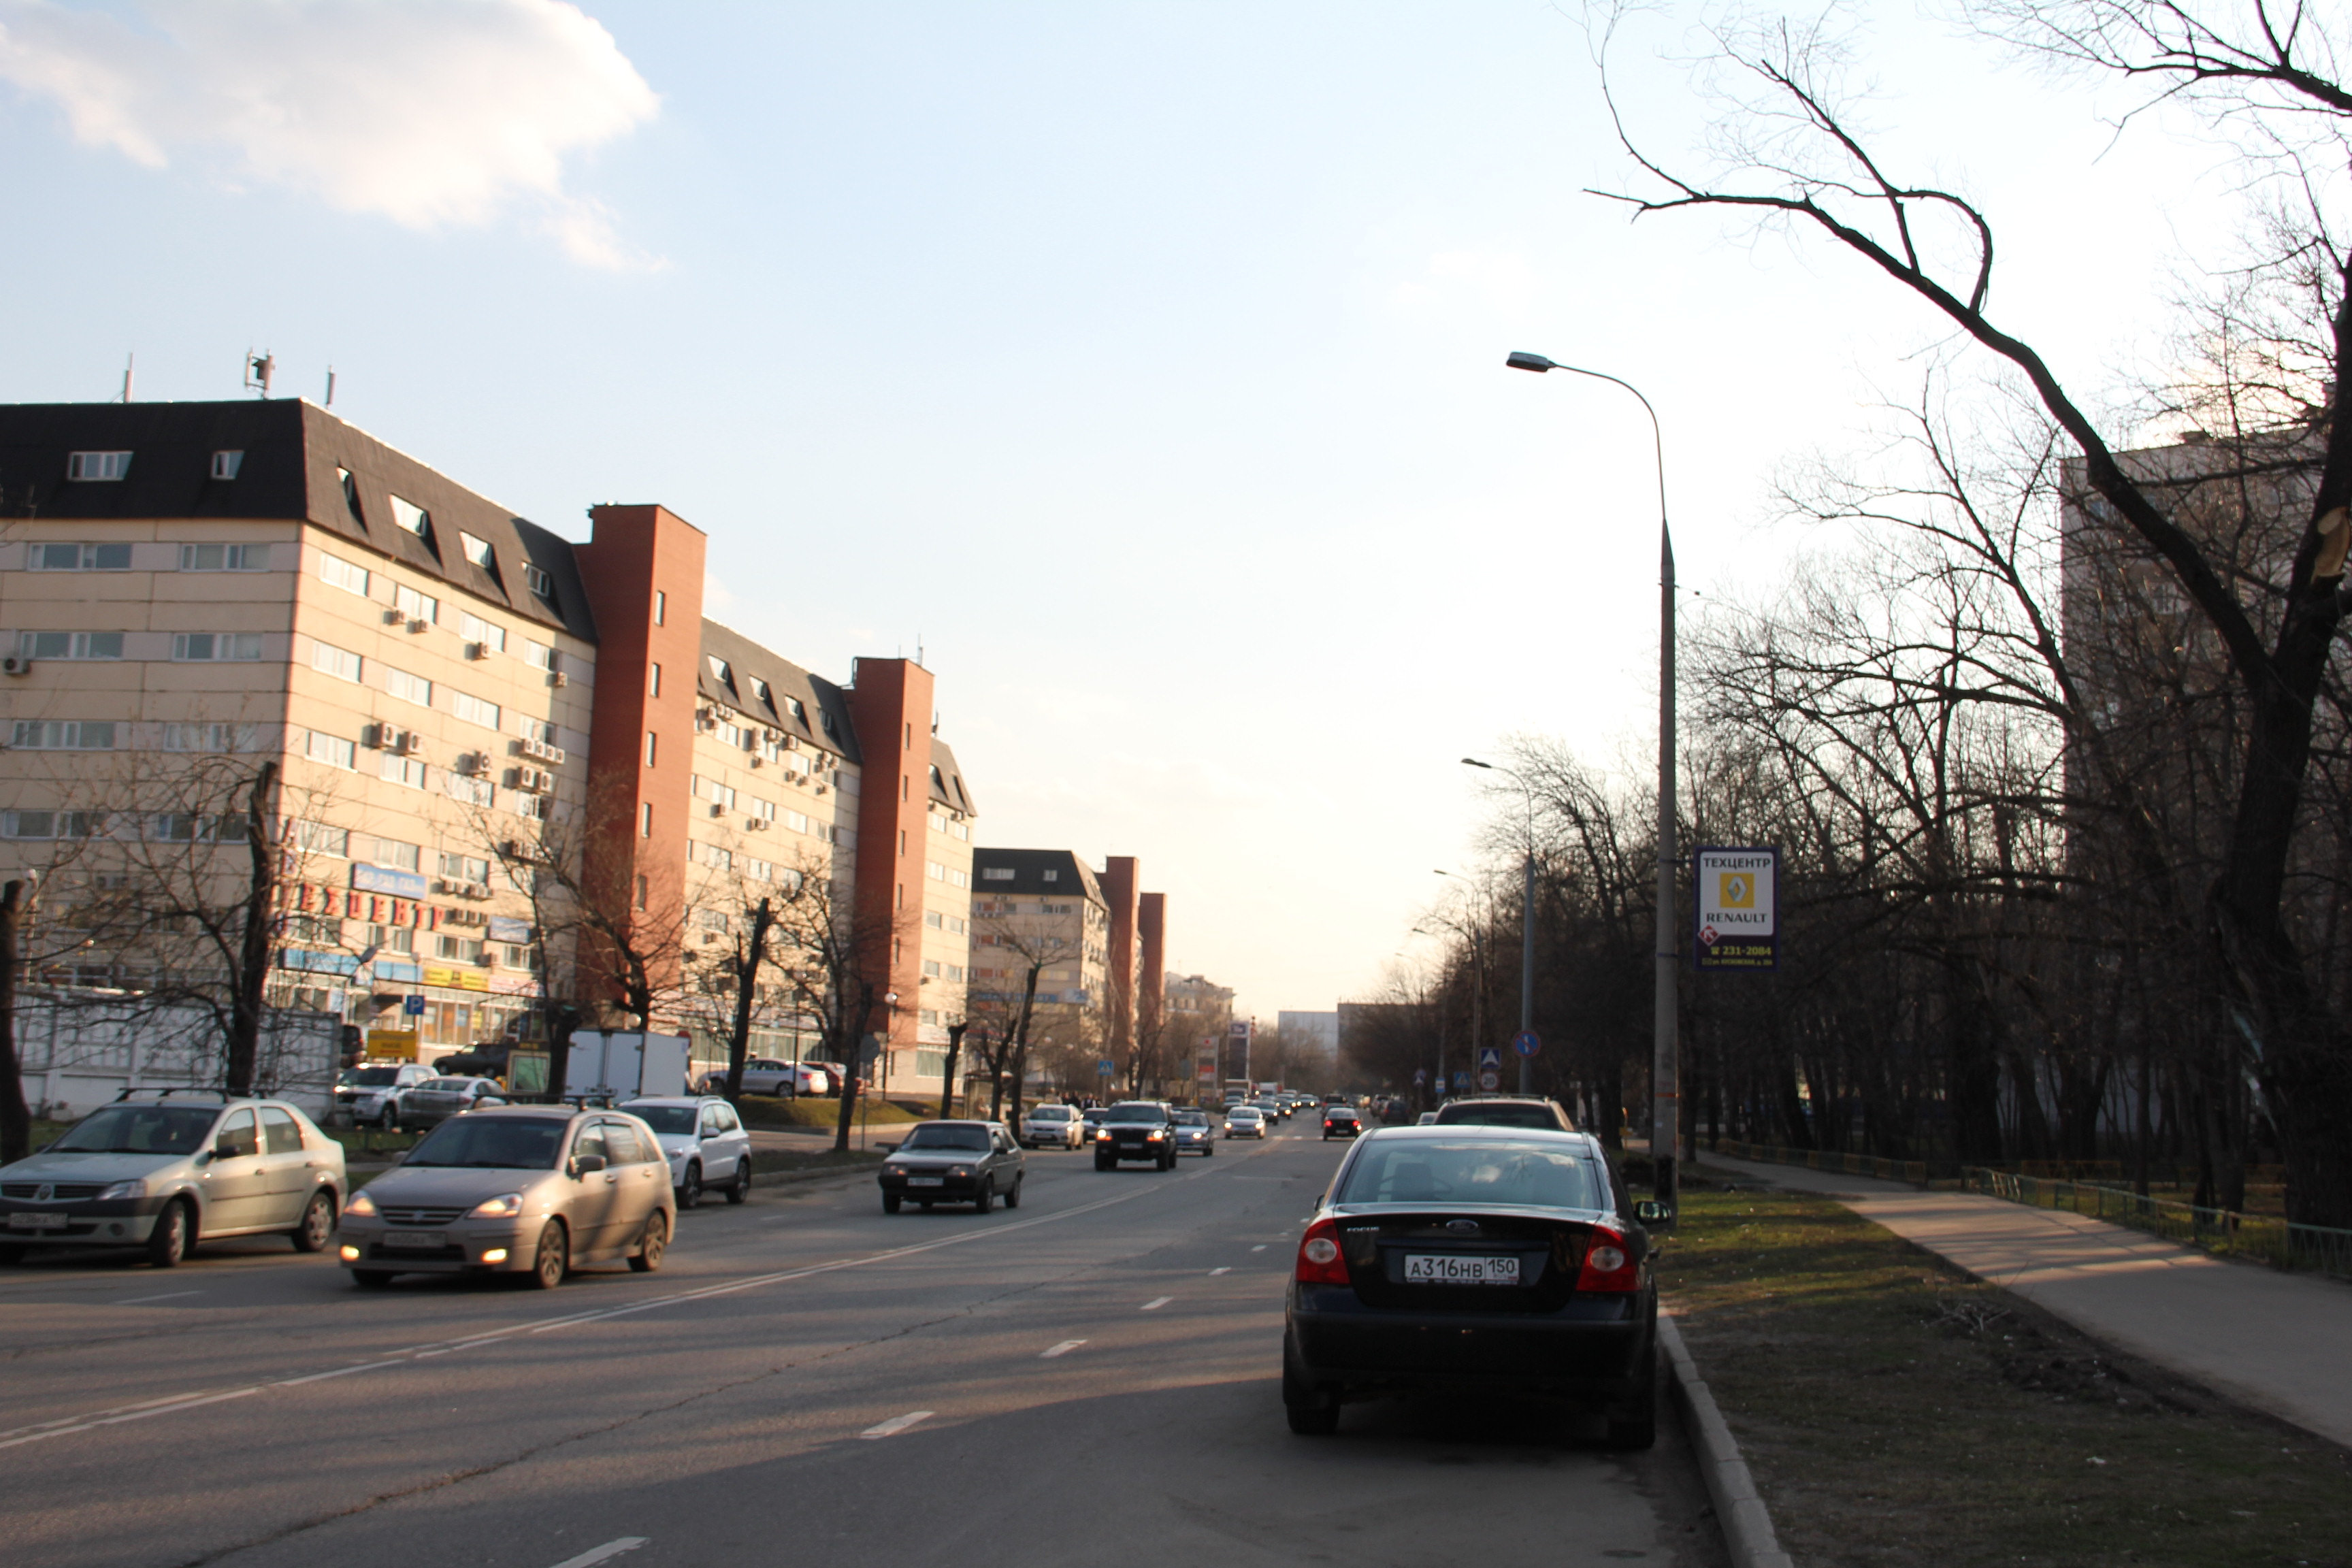 moskovskaya-ulitsa-s-prostitutkami